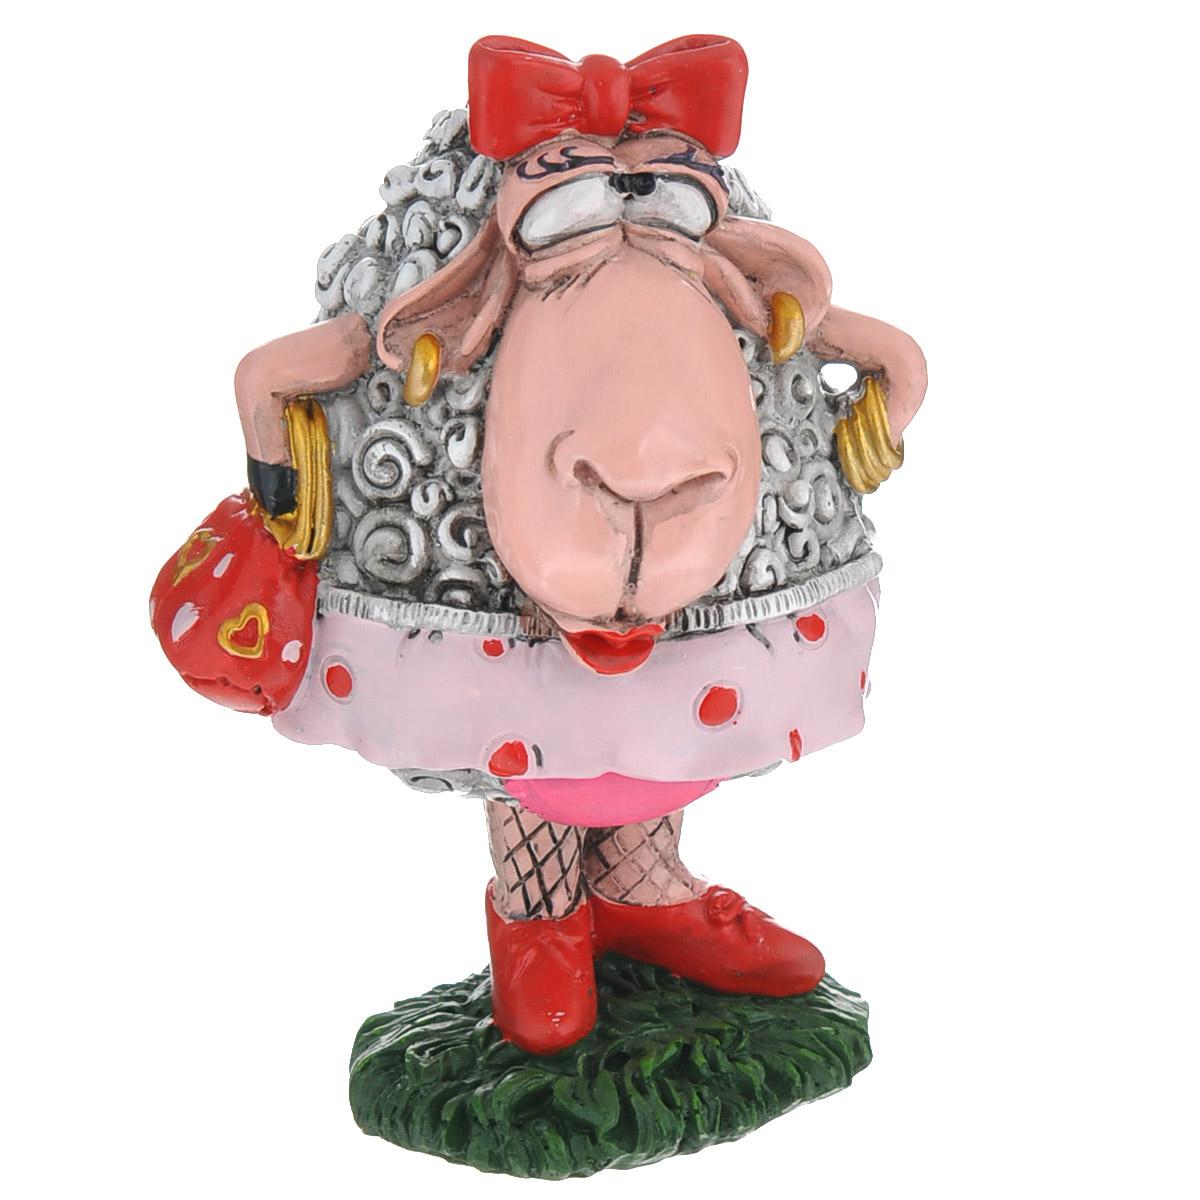 Статуэтка декоративная Comical World Овечка-модница, цвет: серый, красный74-0120Оригинальная декоративная статуэтка Comical World Овечка-модница выполнена из полистоуна в виде красивой овечки с сумочкой и бантиком на голове. Такая статуэтка - отличный вариант для новогоднего подарка для ваших близких и друзей.